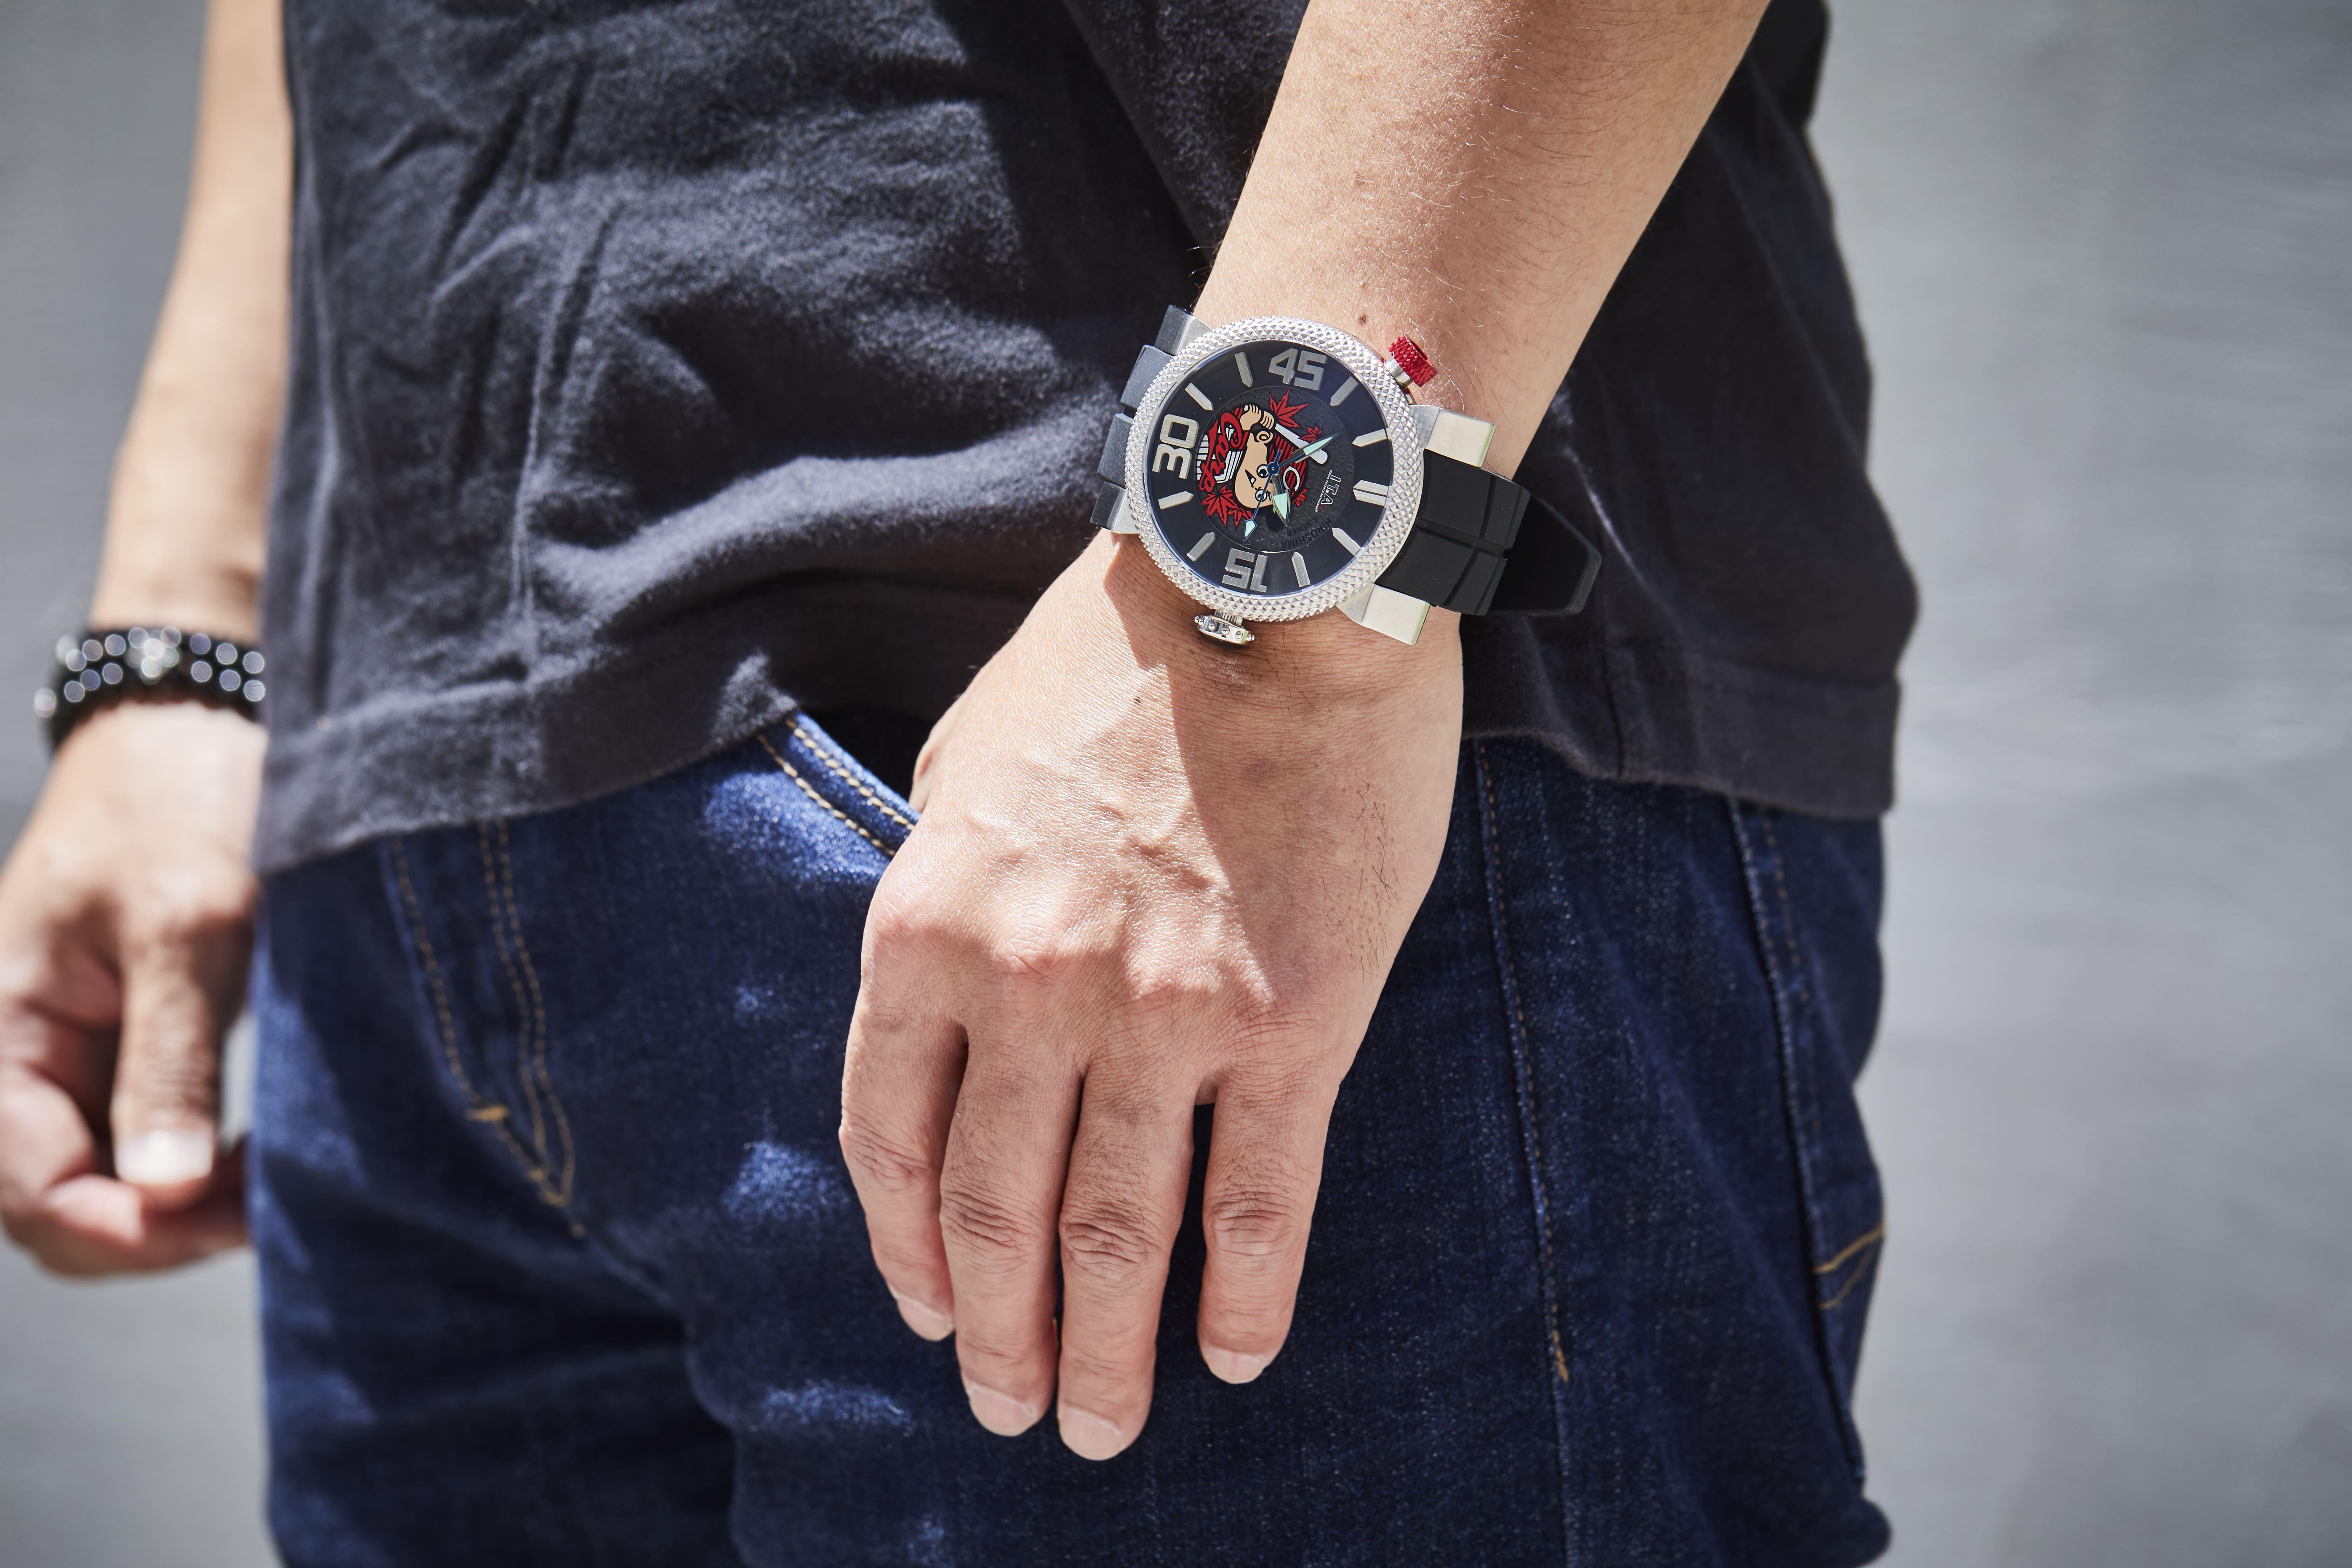 【広島東洋カープ】カープウォッチ第7弾 I.T.A.ピラータ(ブラック)/国内正規品 腕時計